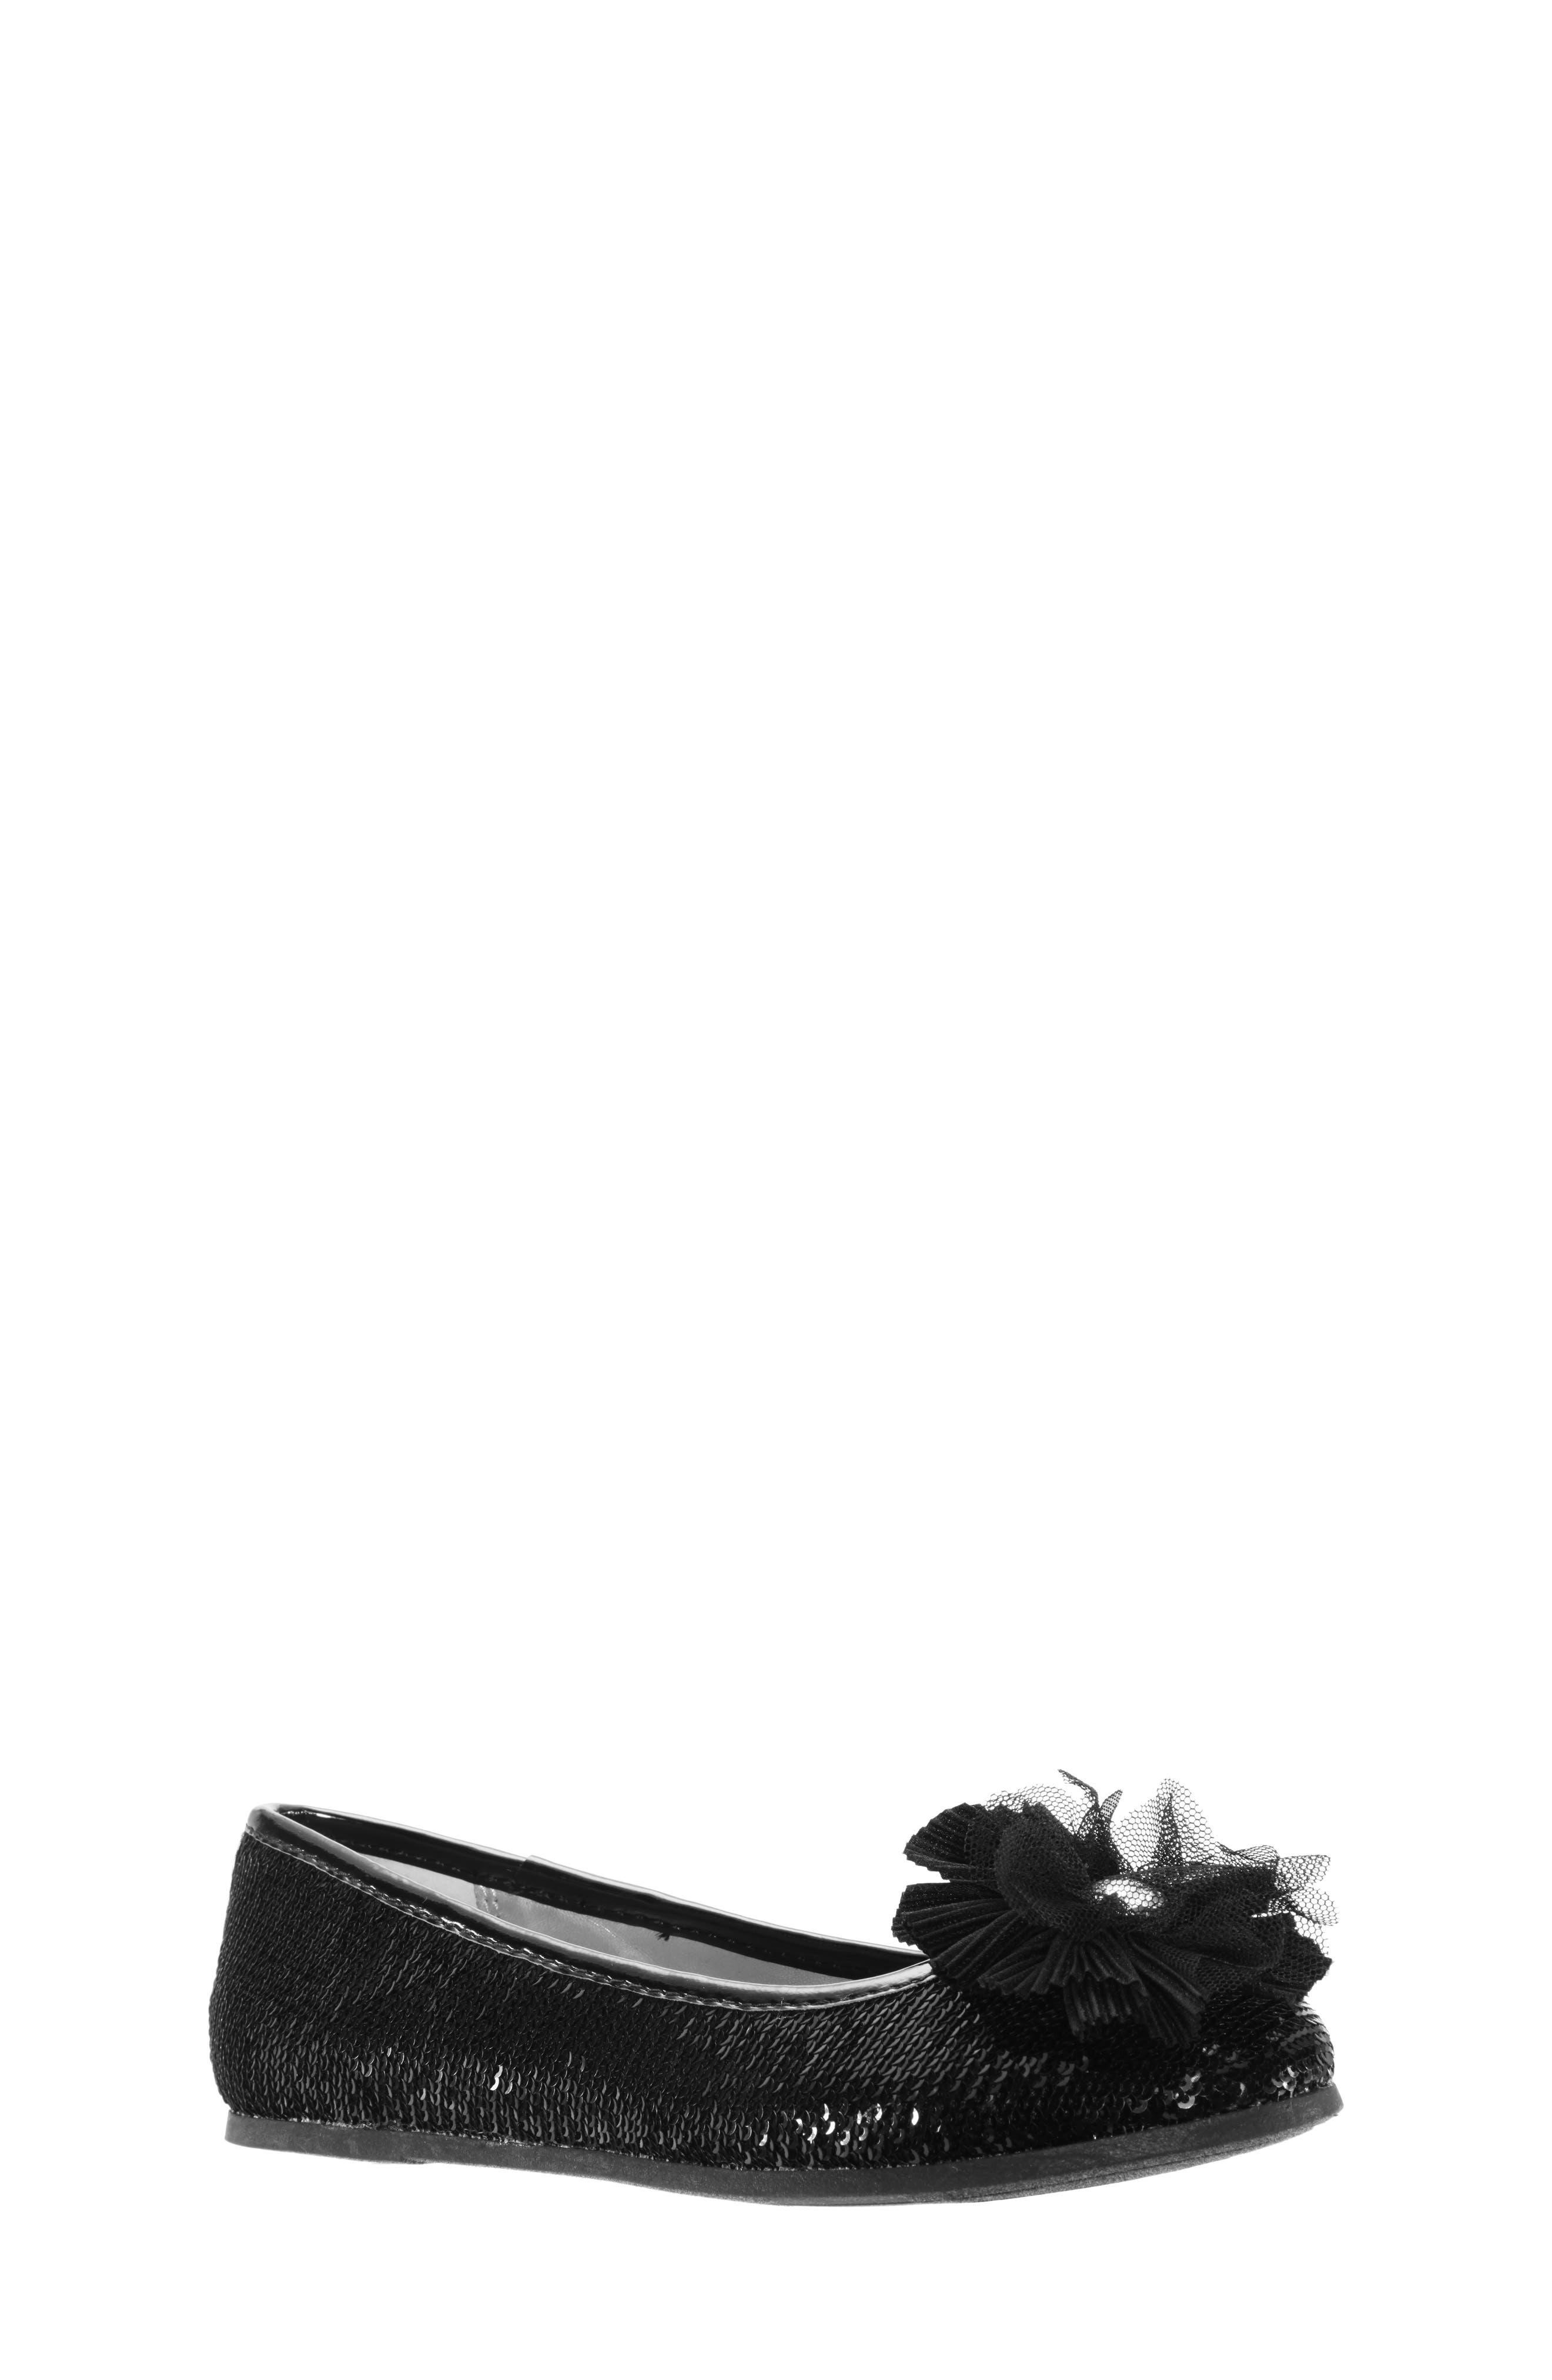 Sequin Ballet Flat,                             Main thumbnail 1, color,                             BLACK SEQUINS